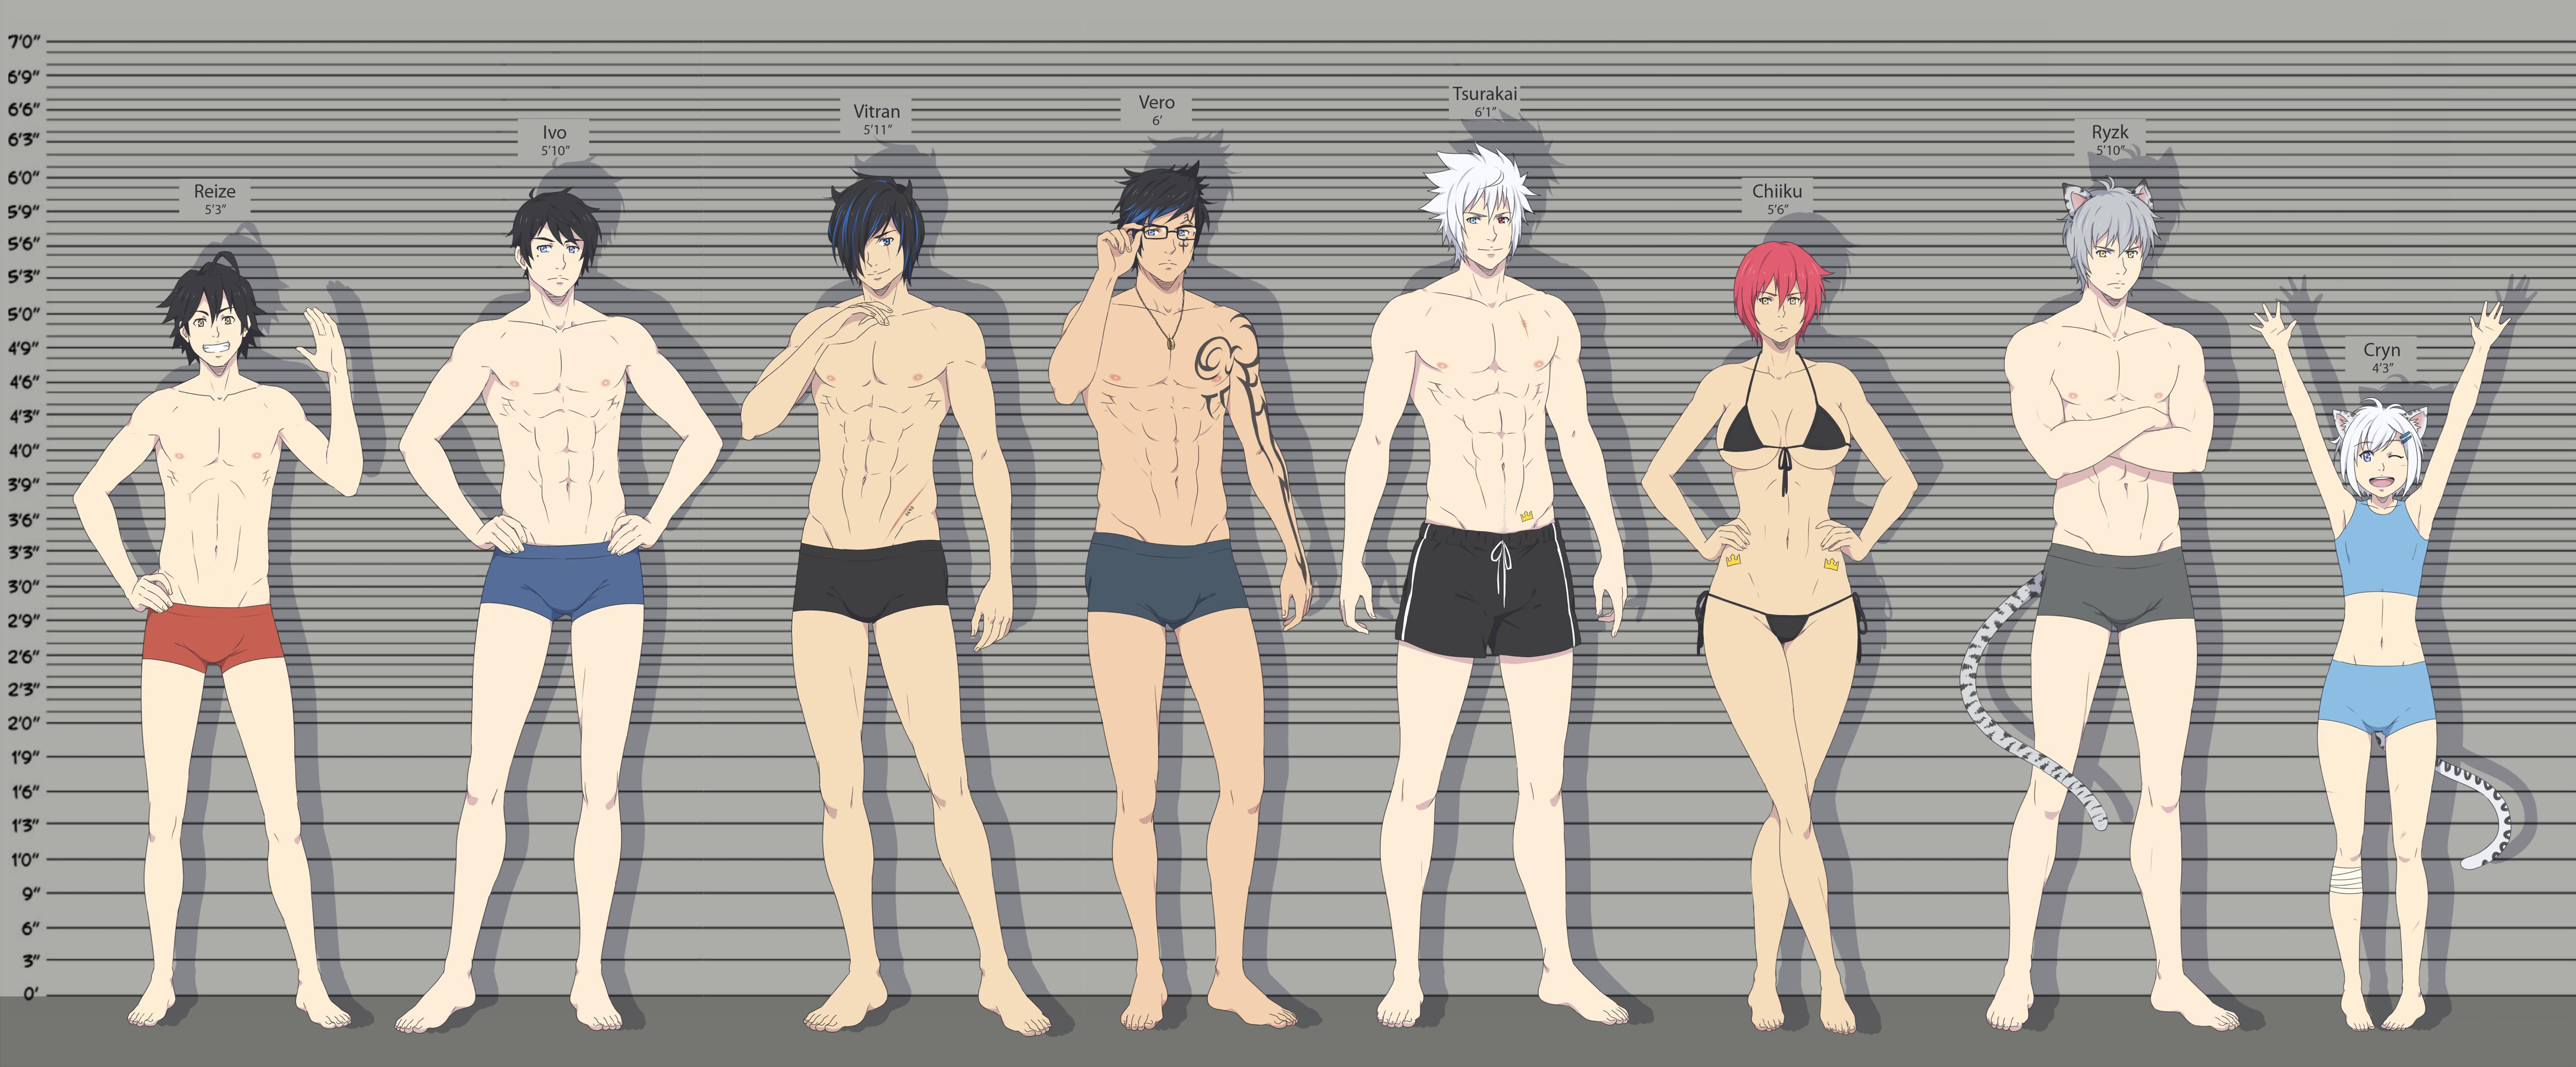 What's your height batch 1 by ichan-desu on DeviantArt